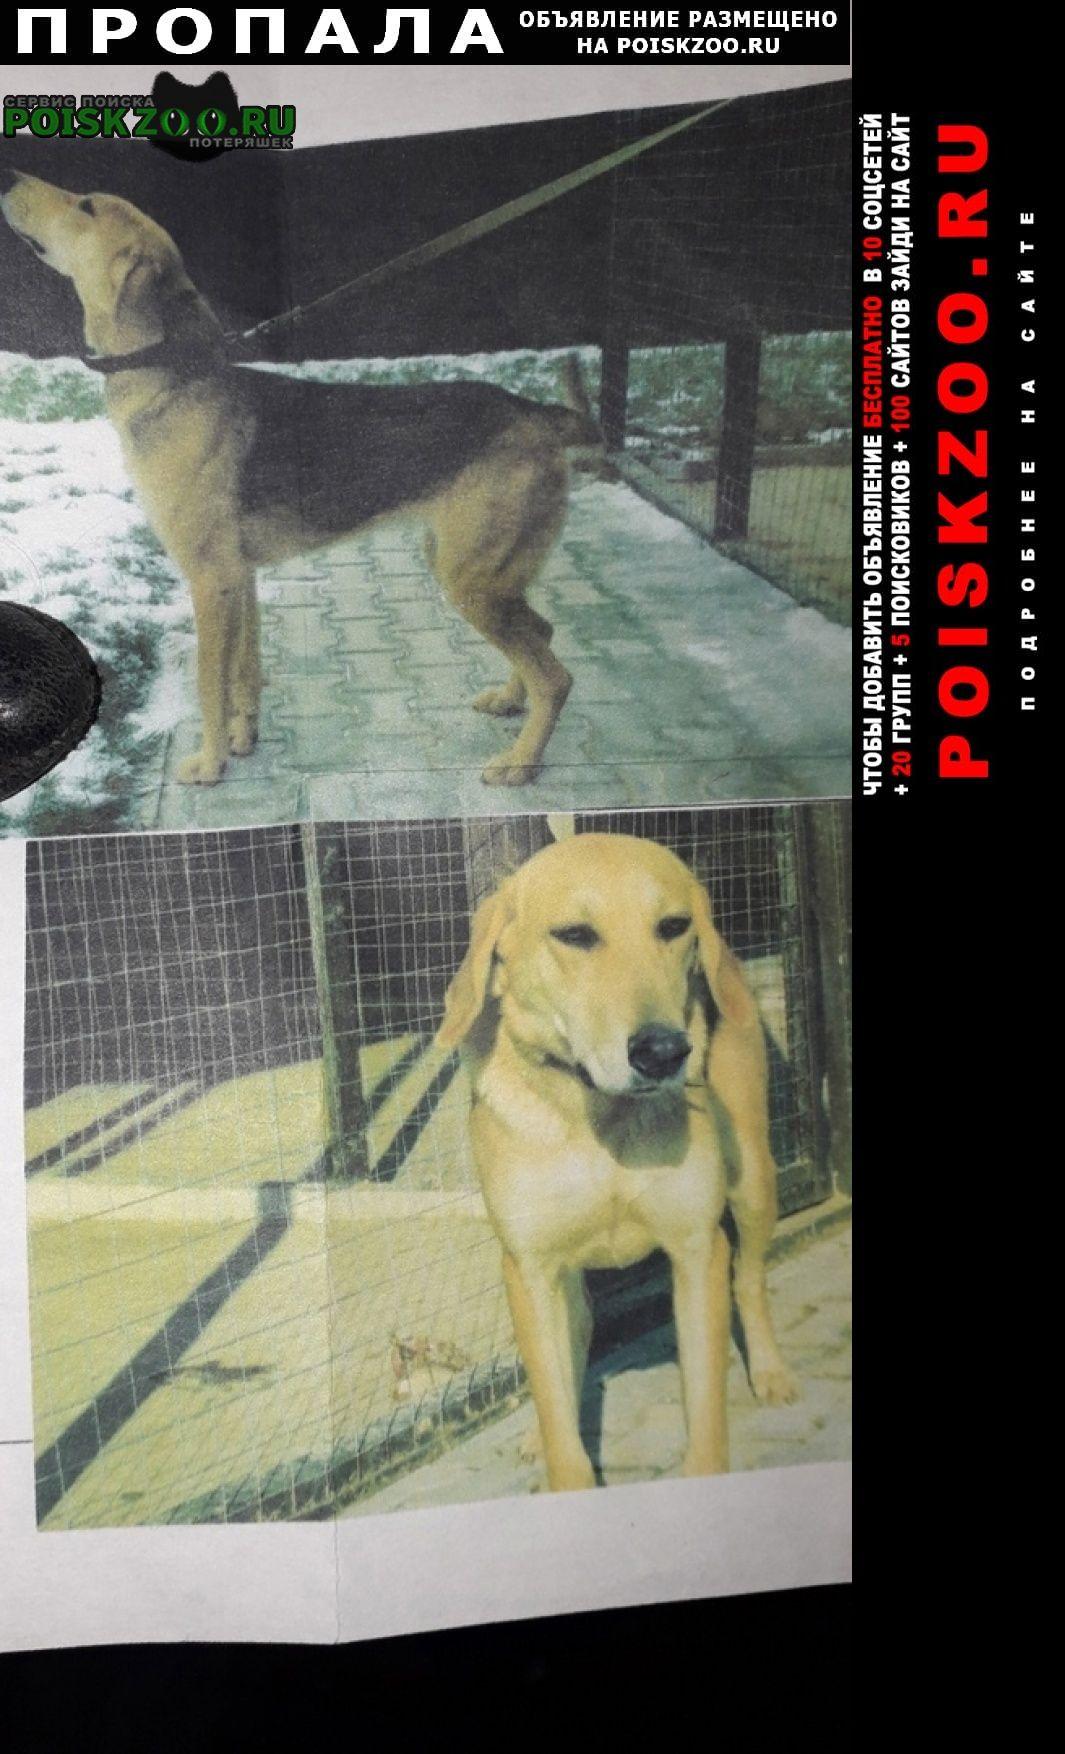 Пропала собака метисы русских гончих Серпухов